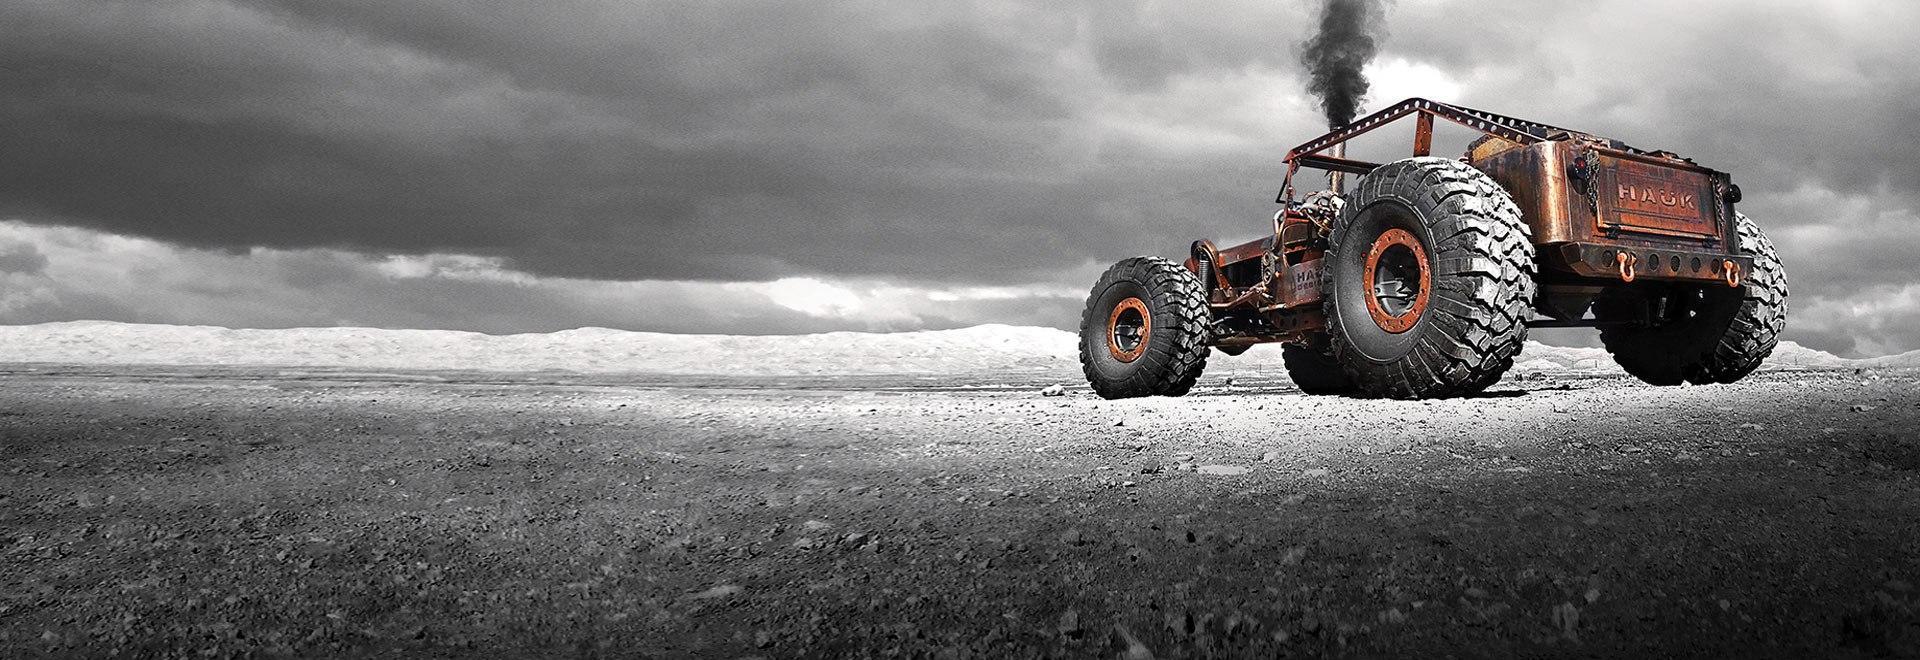 Road Hauks: motori da paura